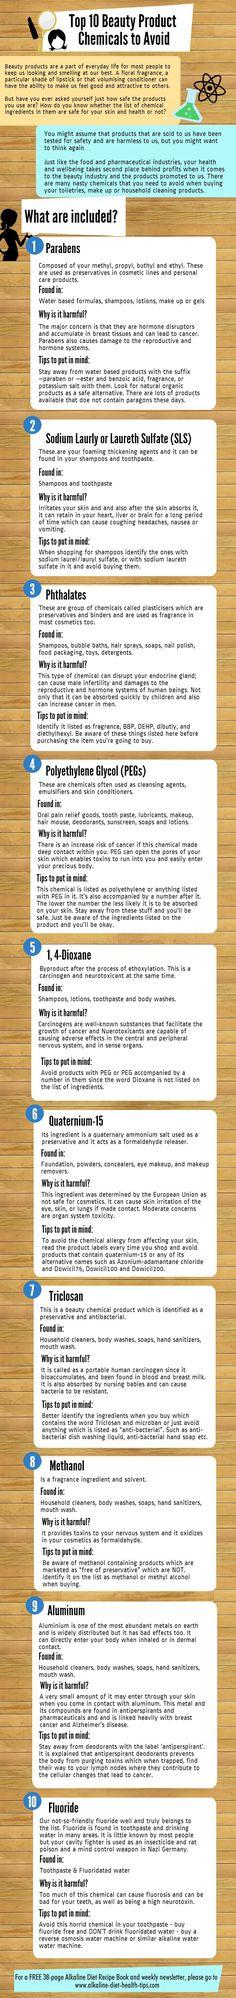 FREE 38-page recipe book: http://www.alkaline-diet-health-tips.com/ ... Alkaline Diet Plan: http://www.alkaline-diet-health-tips.com/special ... FB page: https://www.facebook.com/alkalinediethealth